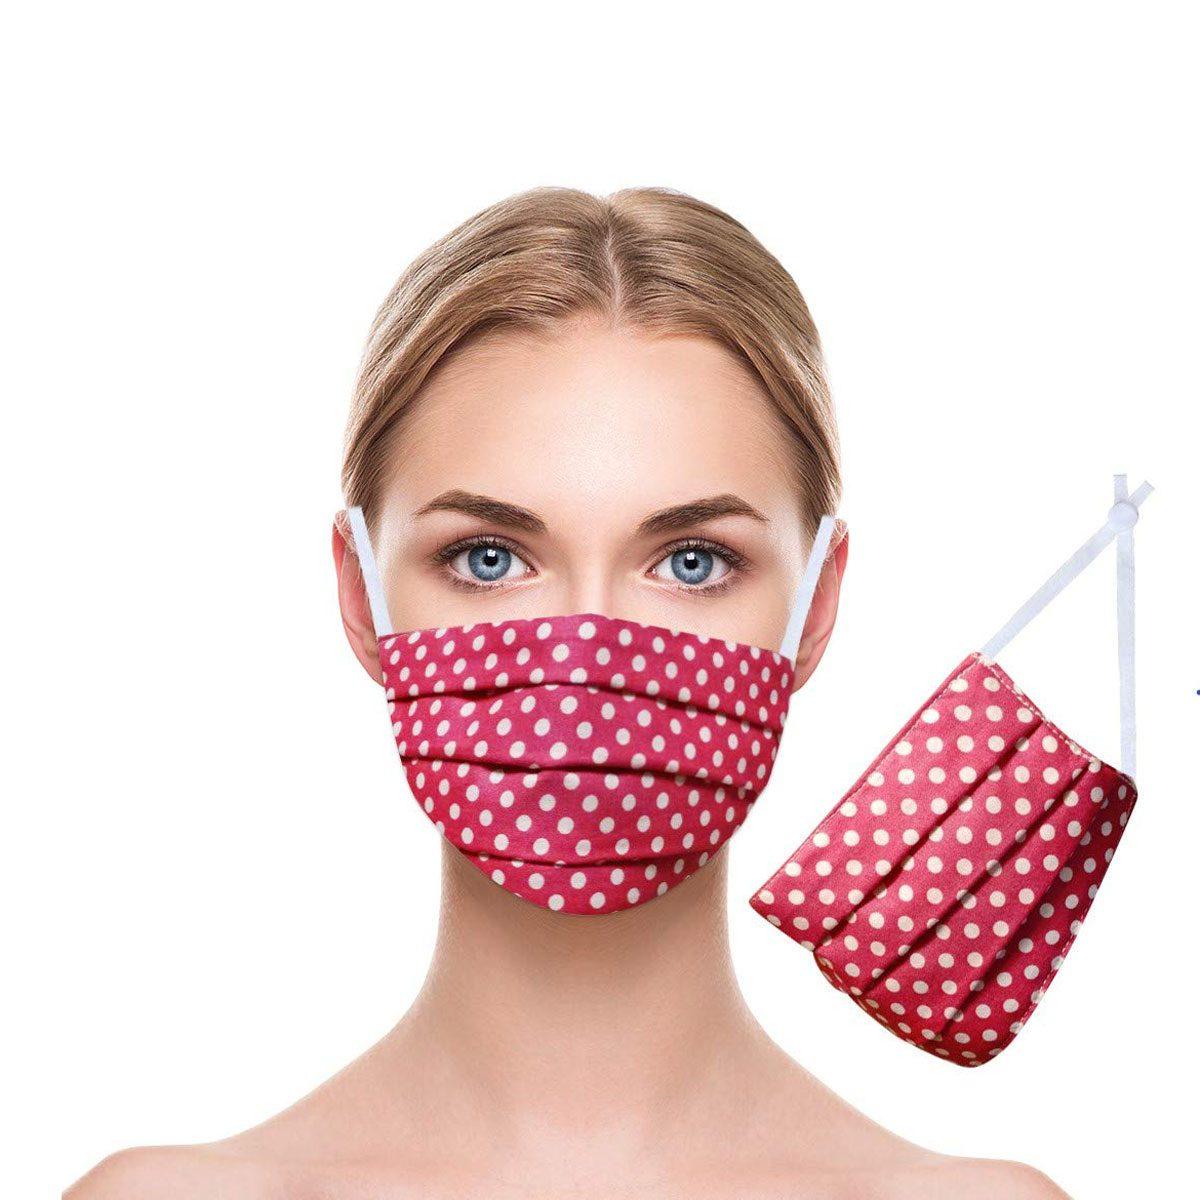 Children's face mask